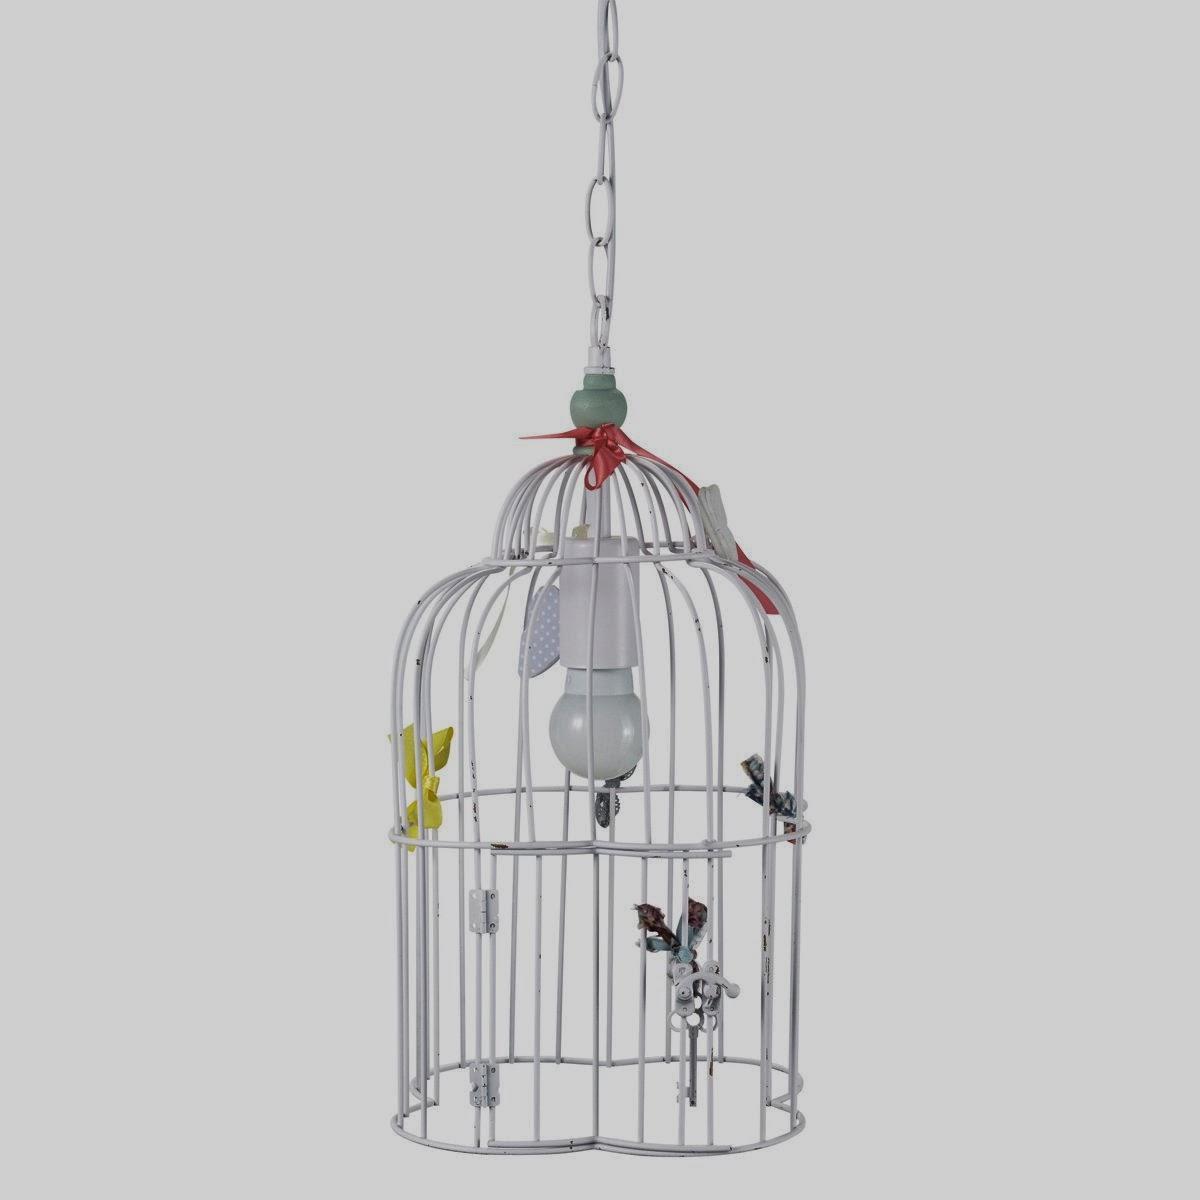 cool lustre pampille maison du monde cage maison du monde awesome ltimamente por exceso de. Black Bedroom Furniture Sets. Home Design Ideas